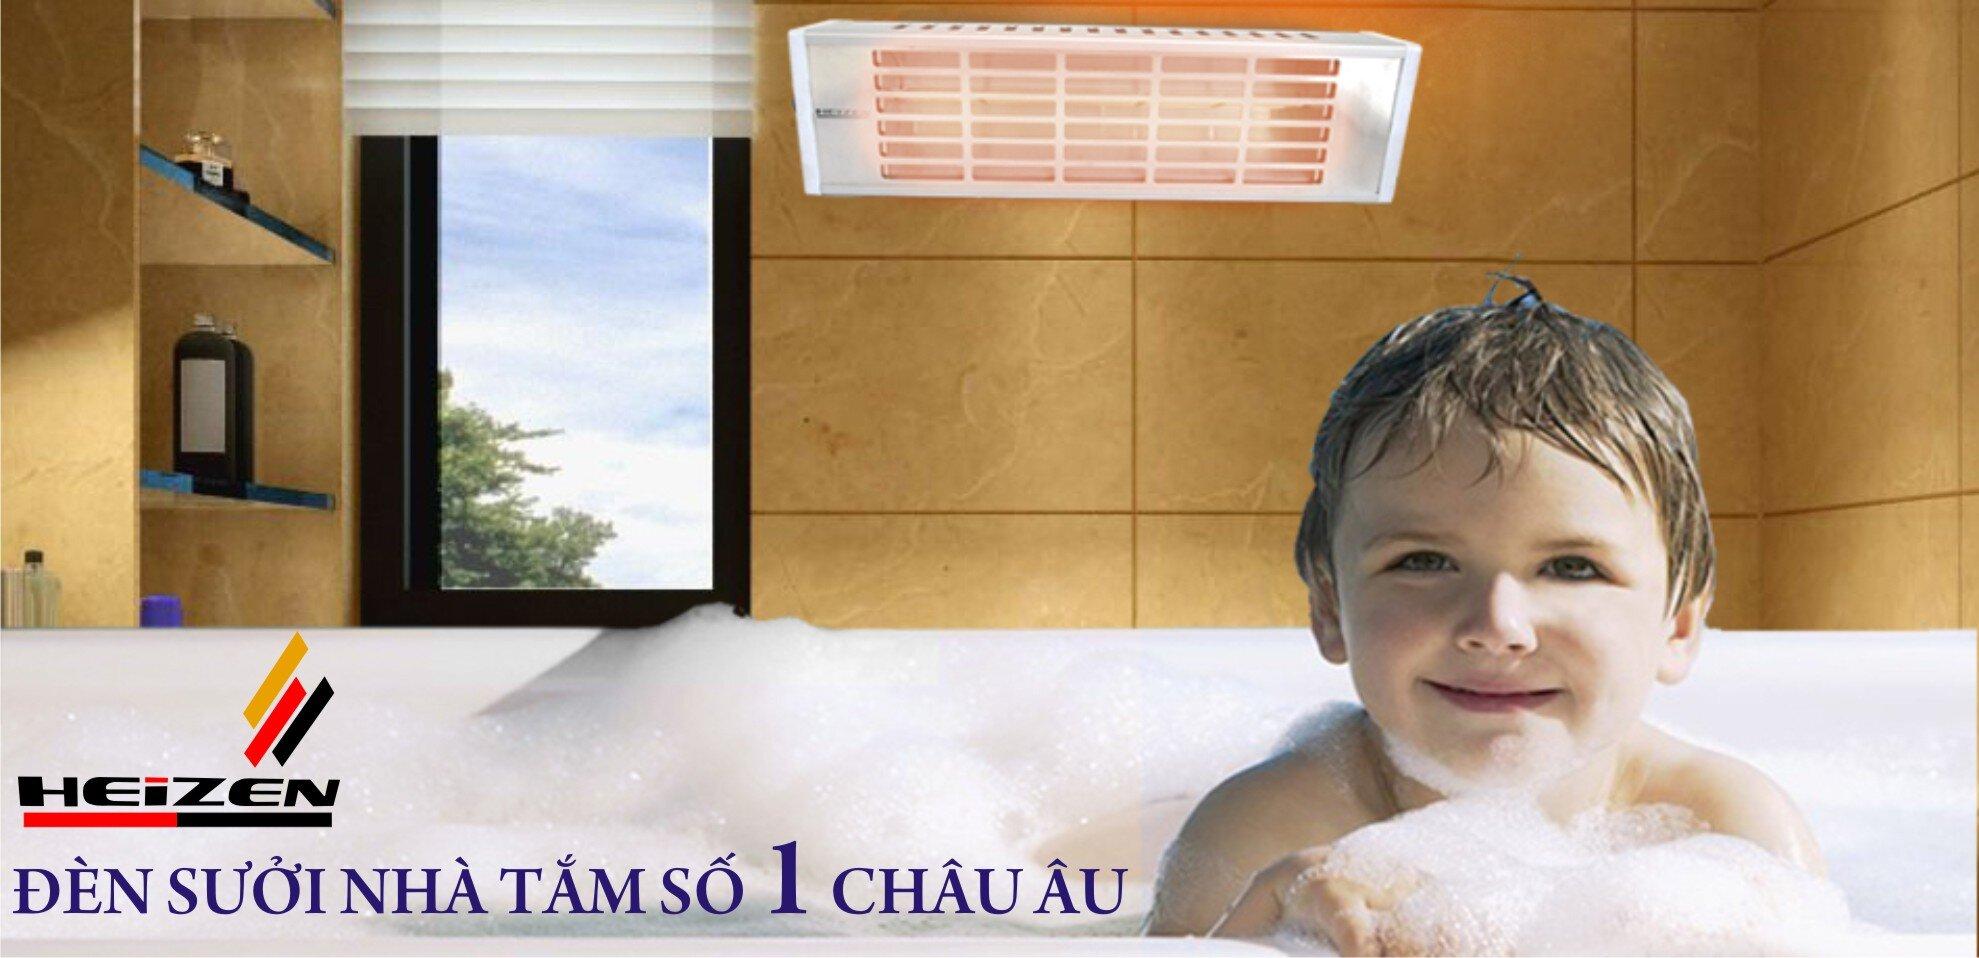 Đèn sưởi dùng để tắm cho bé vào mùa đông